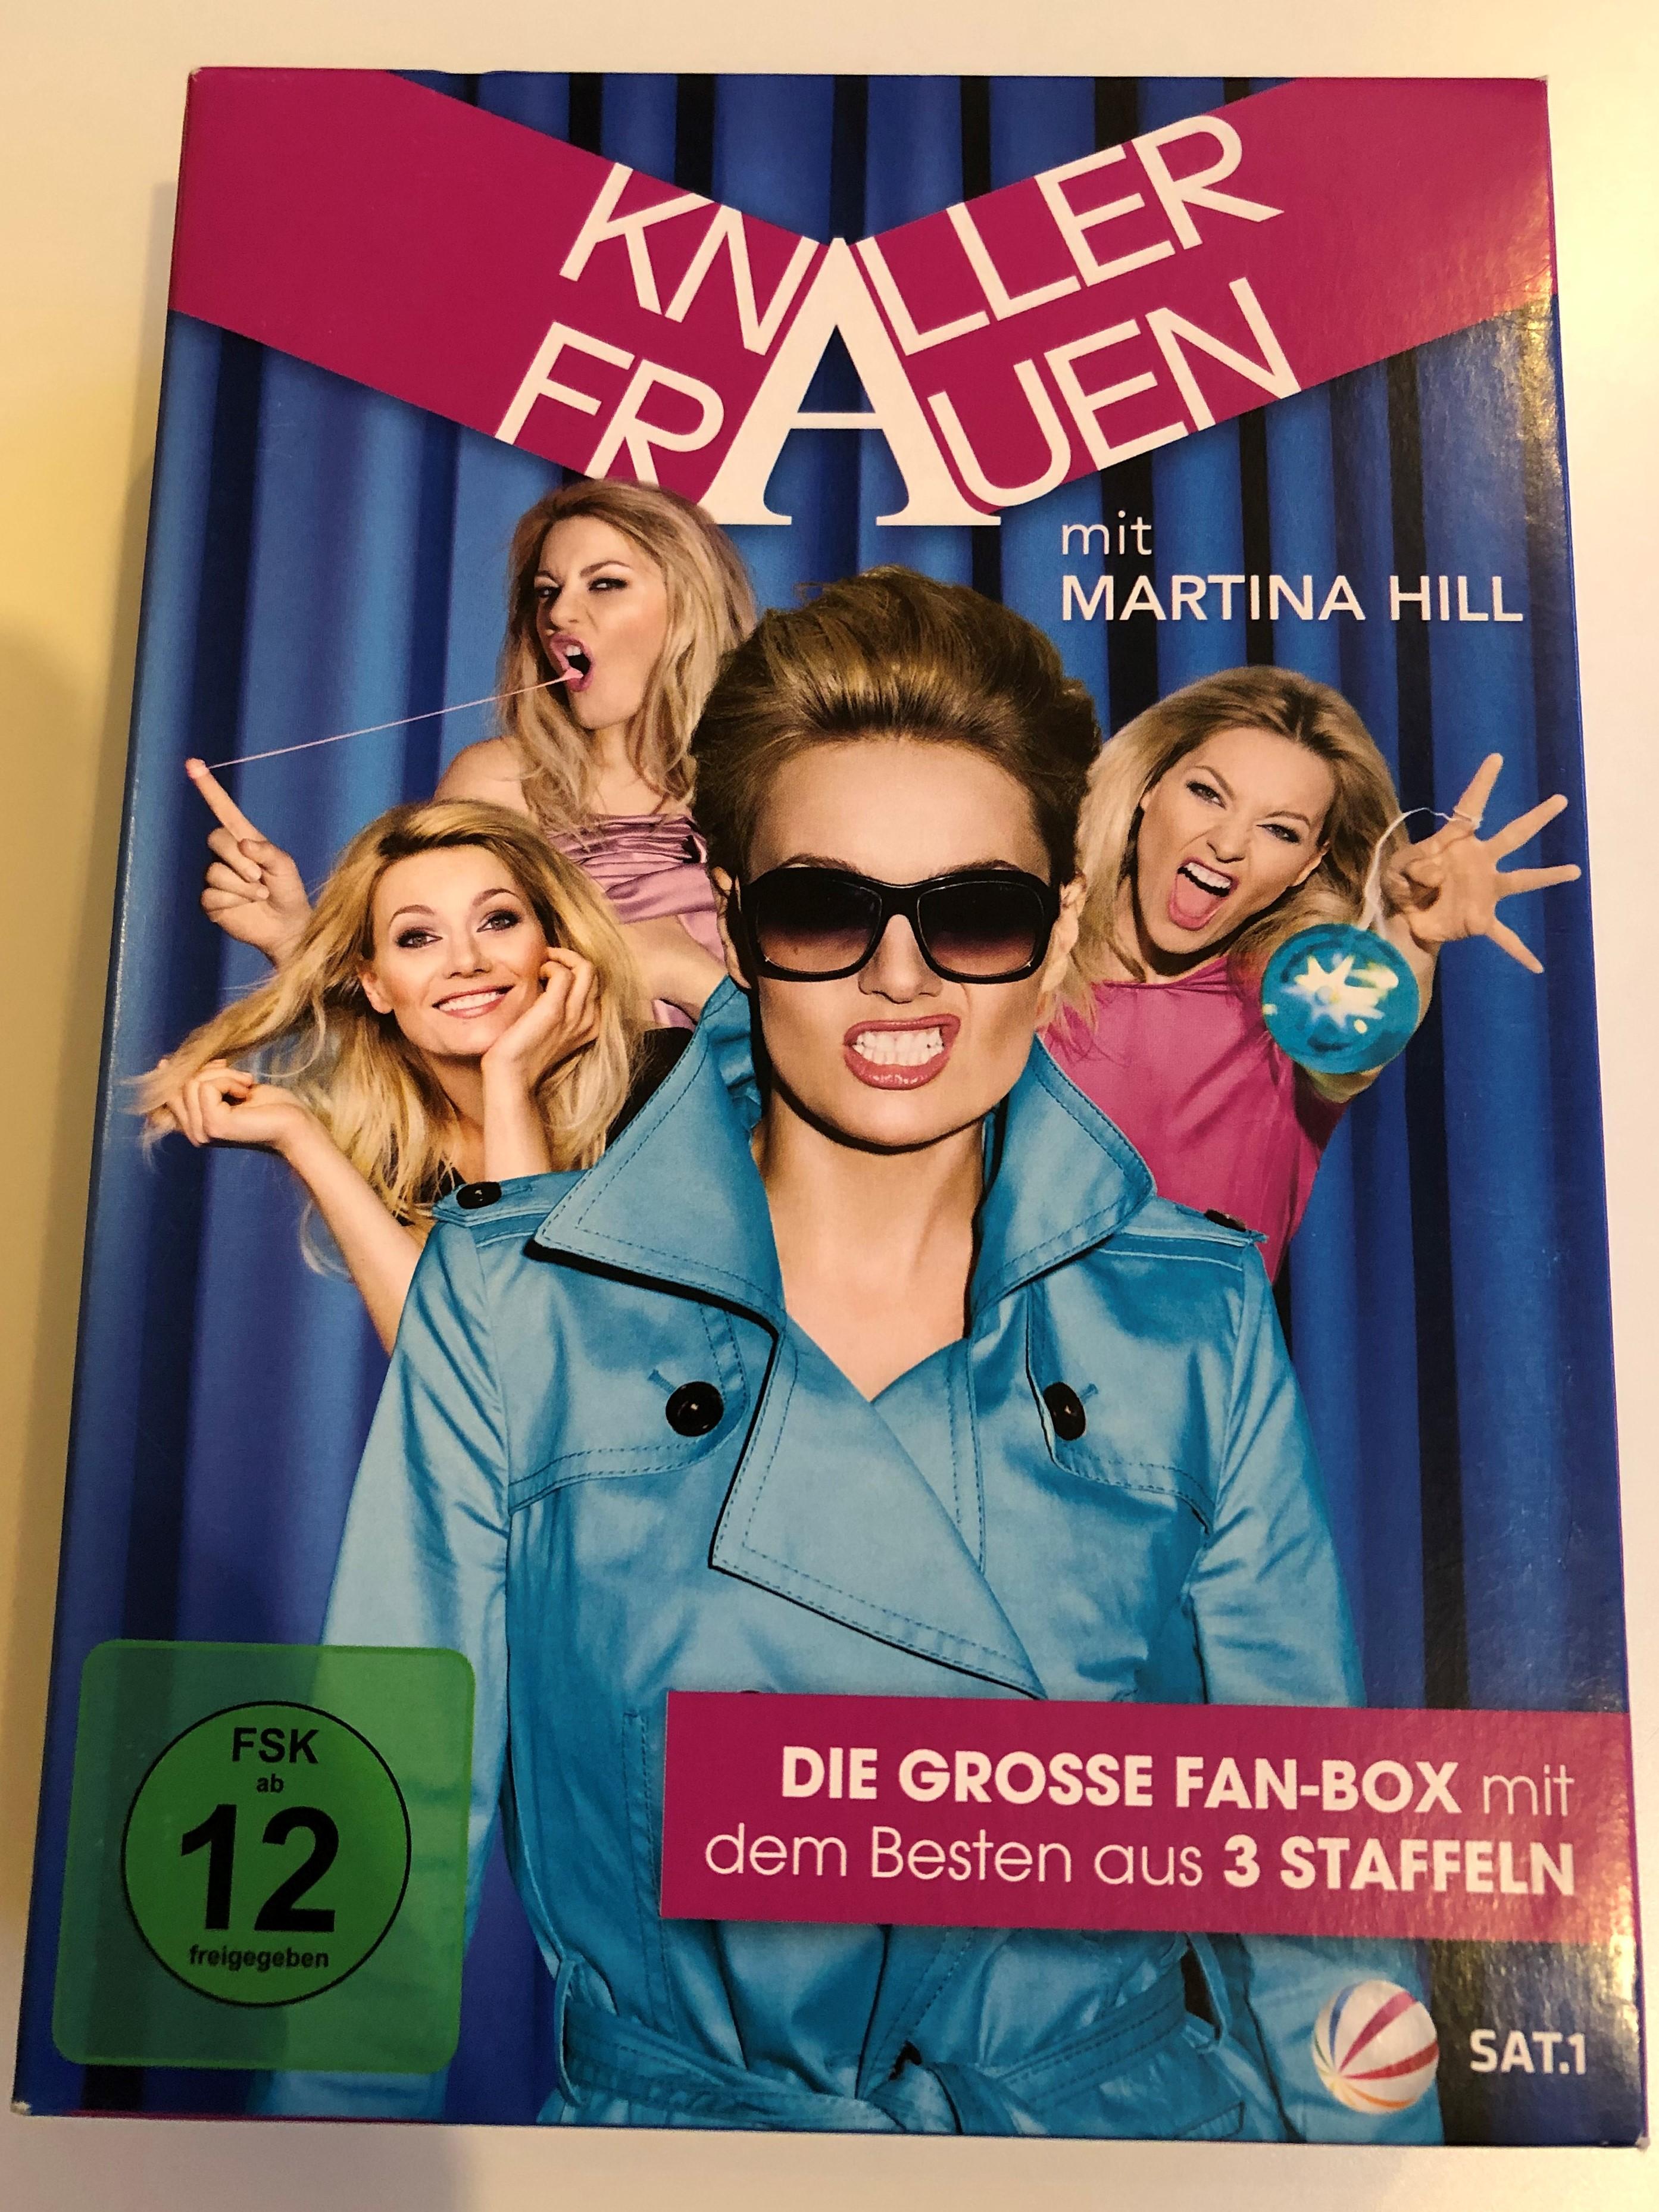 knallerfrauen-full-series-dvd-2011-knallerfrauen-mit-martina-hill-1.jpg